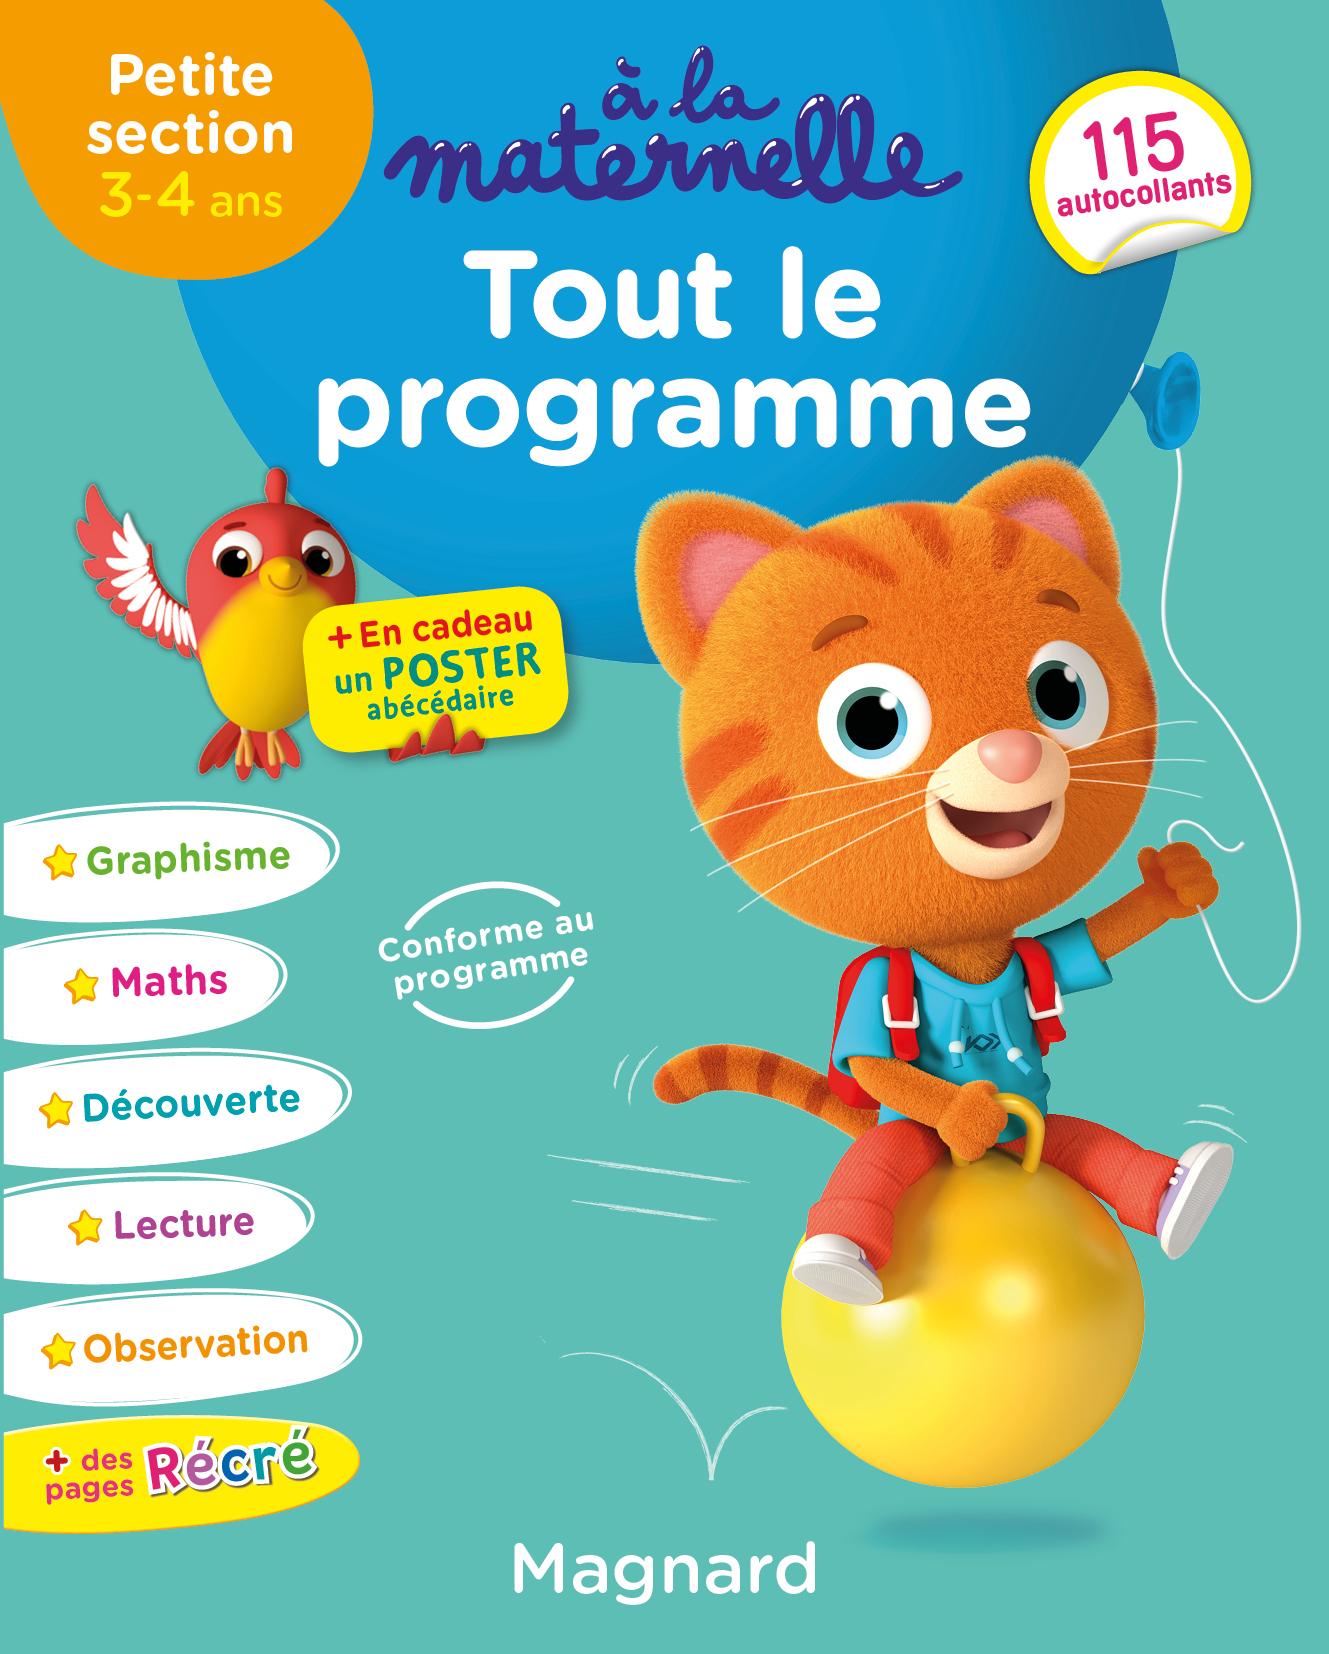 A La Maternelle, Tout Le Programme Ps | Magnard Parascolaire avec Livre Graphisme Maternelle